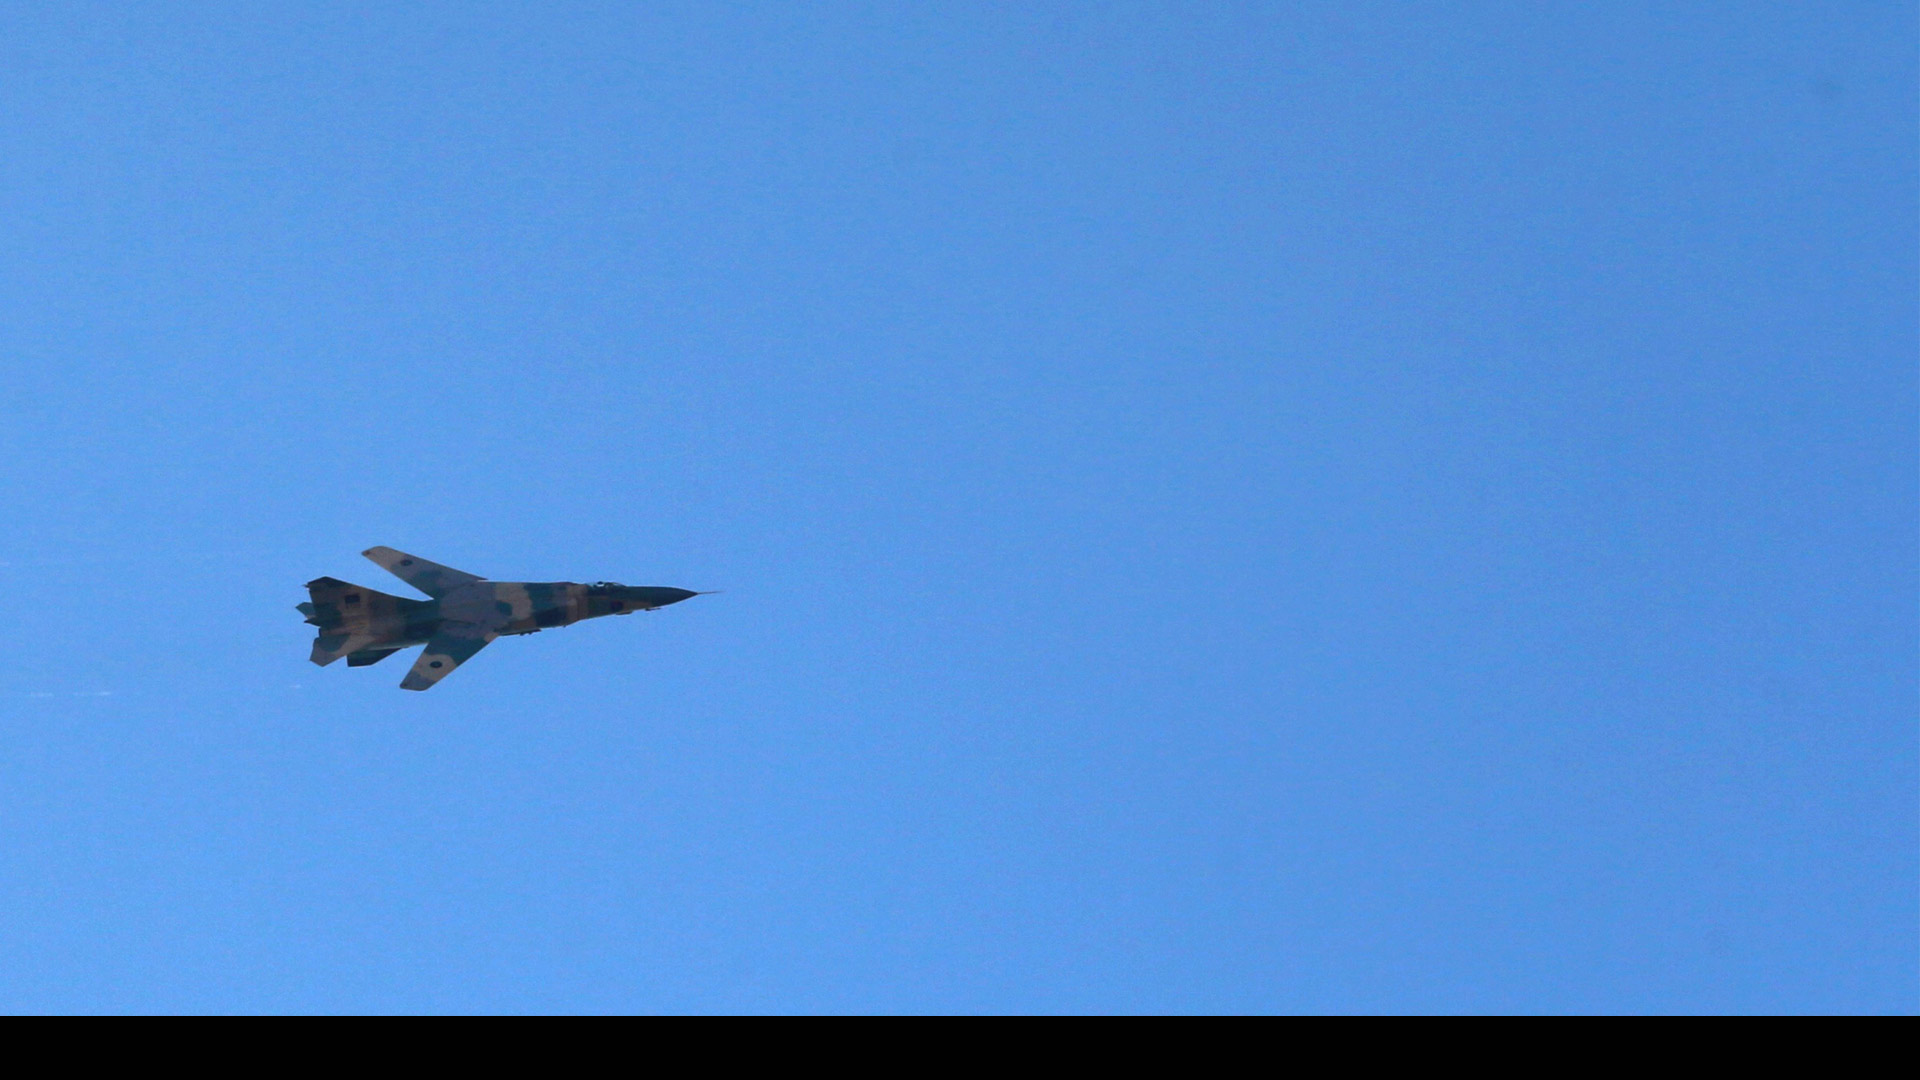 El gobierno con sede en Tobruk instó a sus aliados árabes a lanzar ataques aéreos contra el grupo terrorista